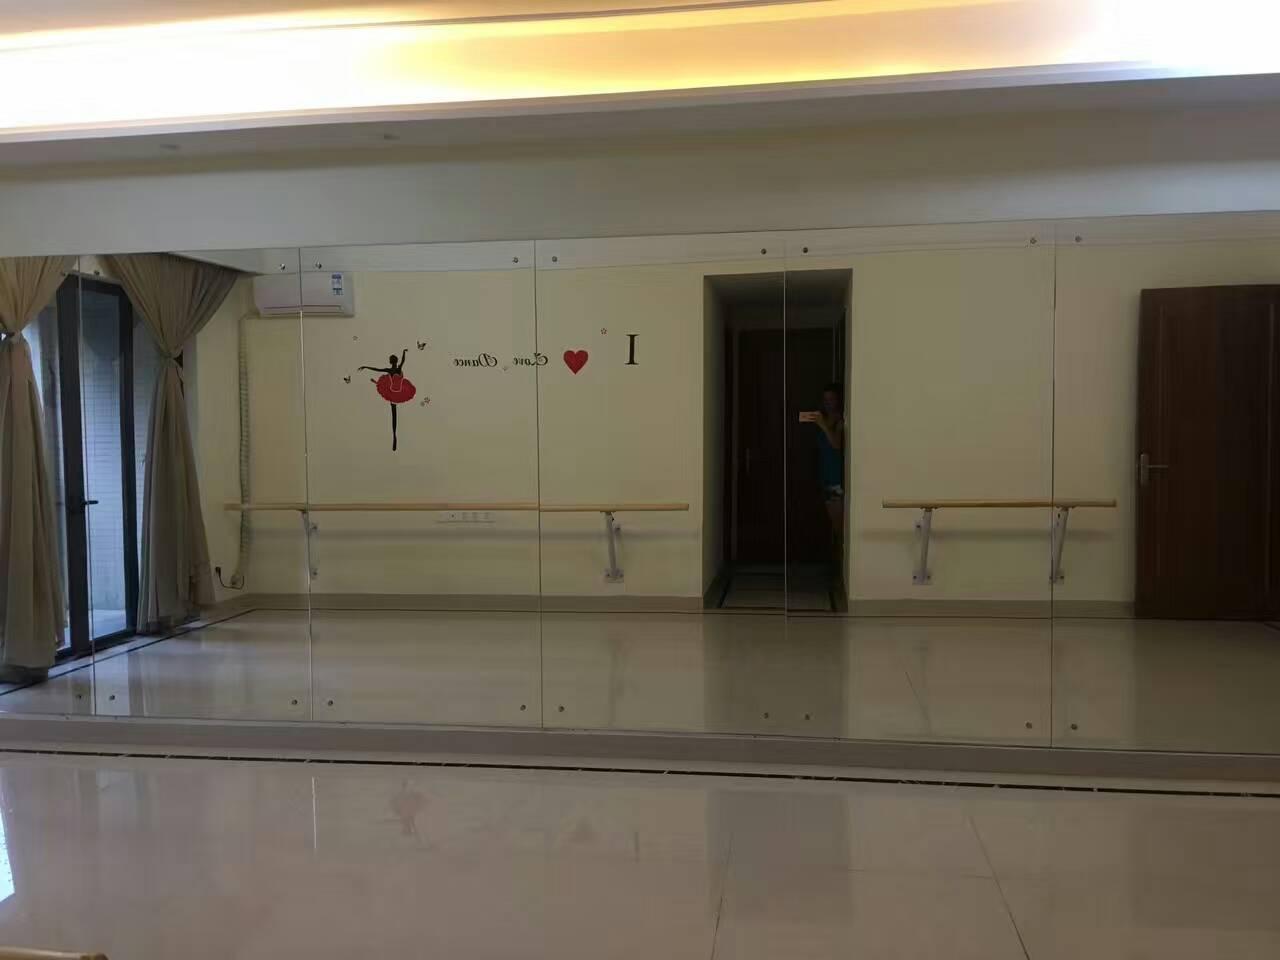 广州舞蹈室镜子健身房镜子瑜伽镜子定制安装